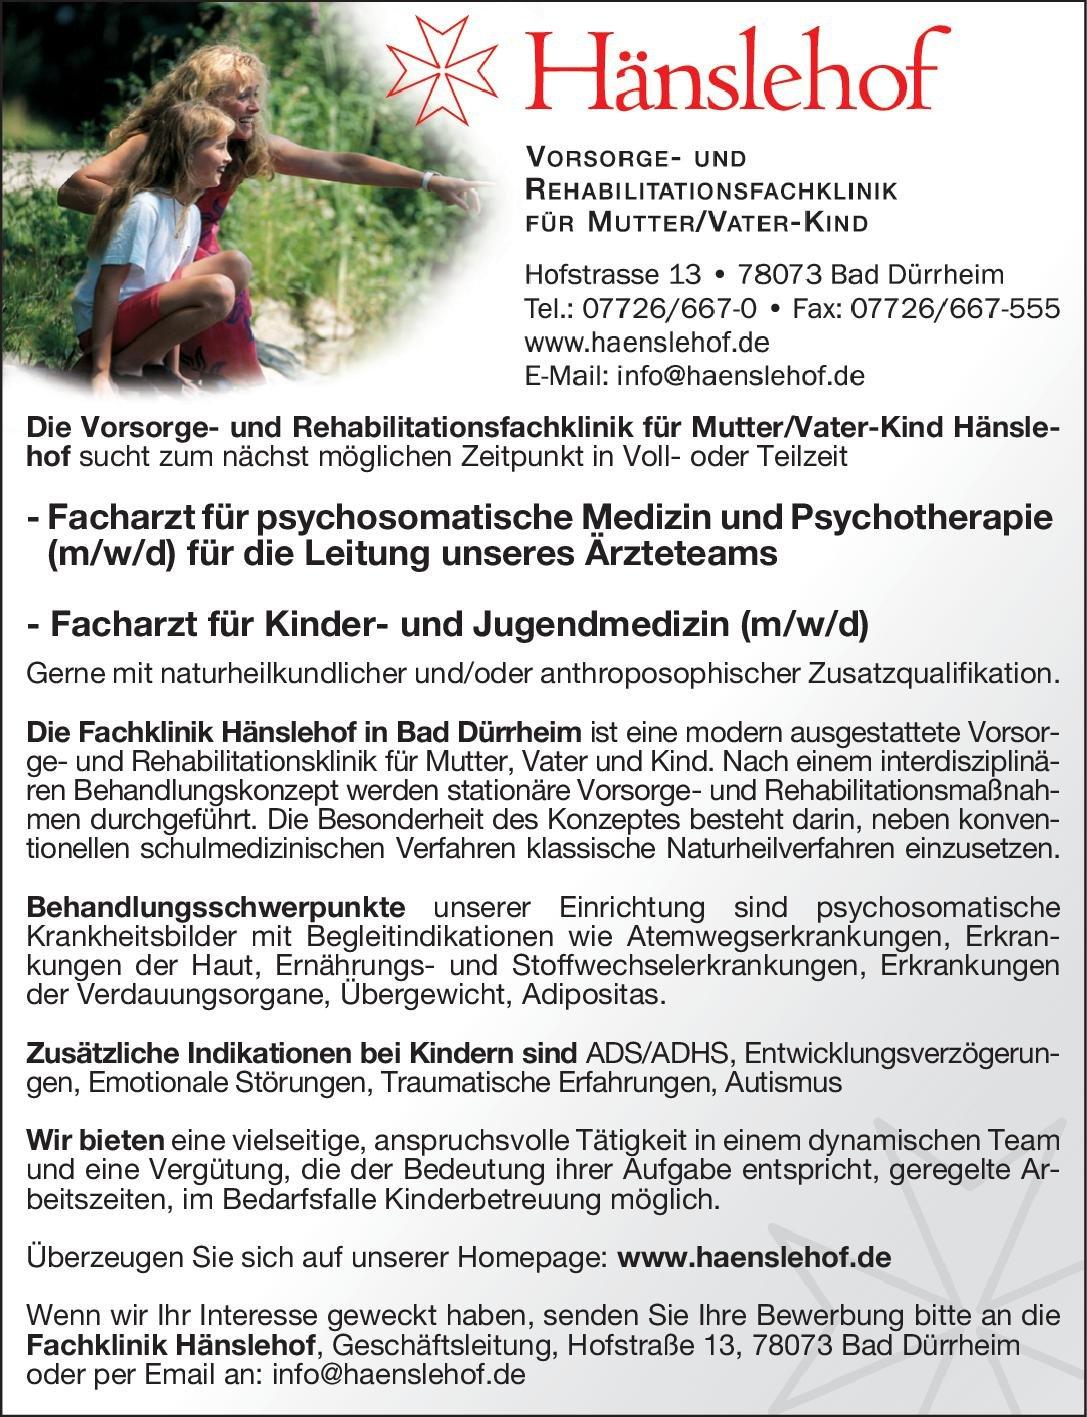 Fachklinik Hänslehof Facharzt für Kinder- und Jugendmedizin (m/w/d)  Kinder- und Jugendmedizin, Kinder- und Jugendmedizin Arzt / Facharzt